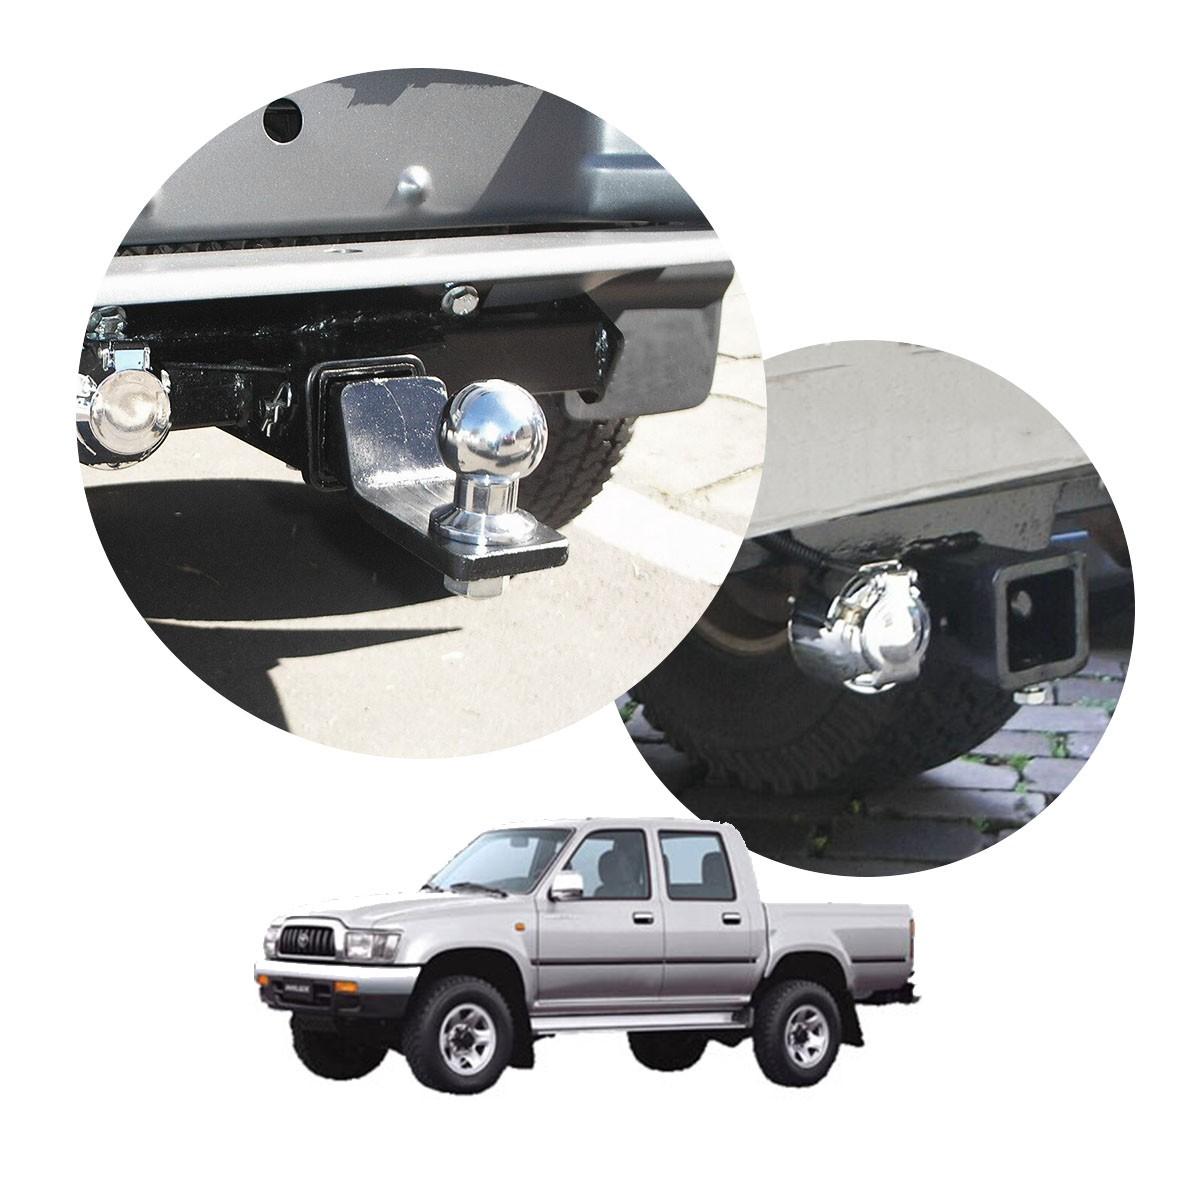 Engate de reboque removível Hilux cabine dupla 1992 a 2004